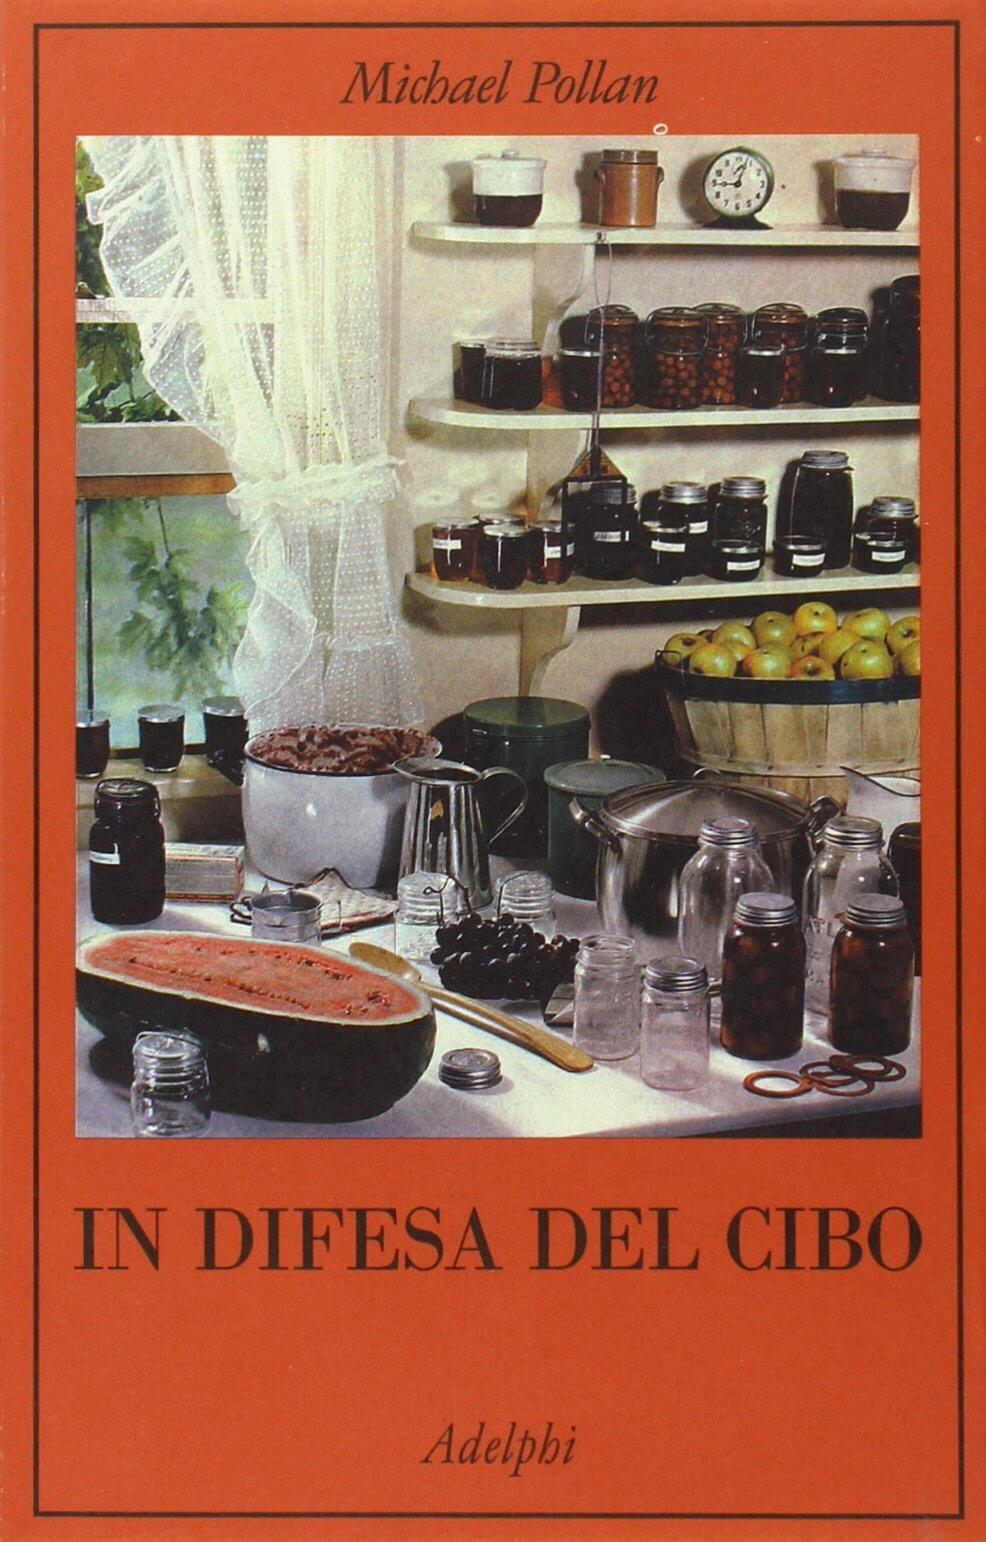 IN DIFESA DEL CIBO di Michael Pollan, traduzione di Giovanni Luciani, Adelphi